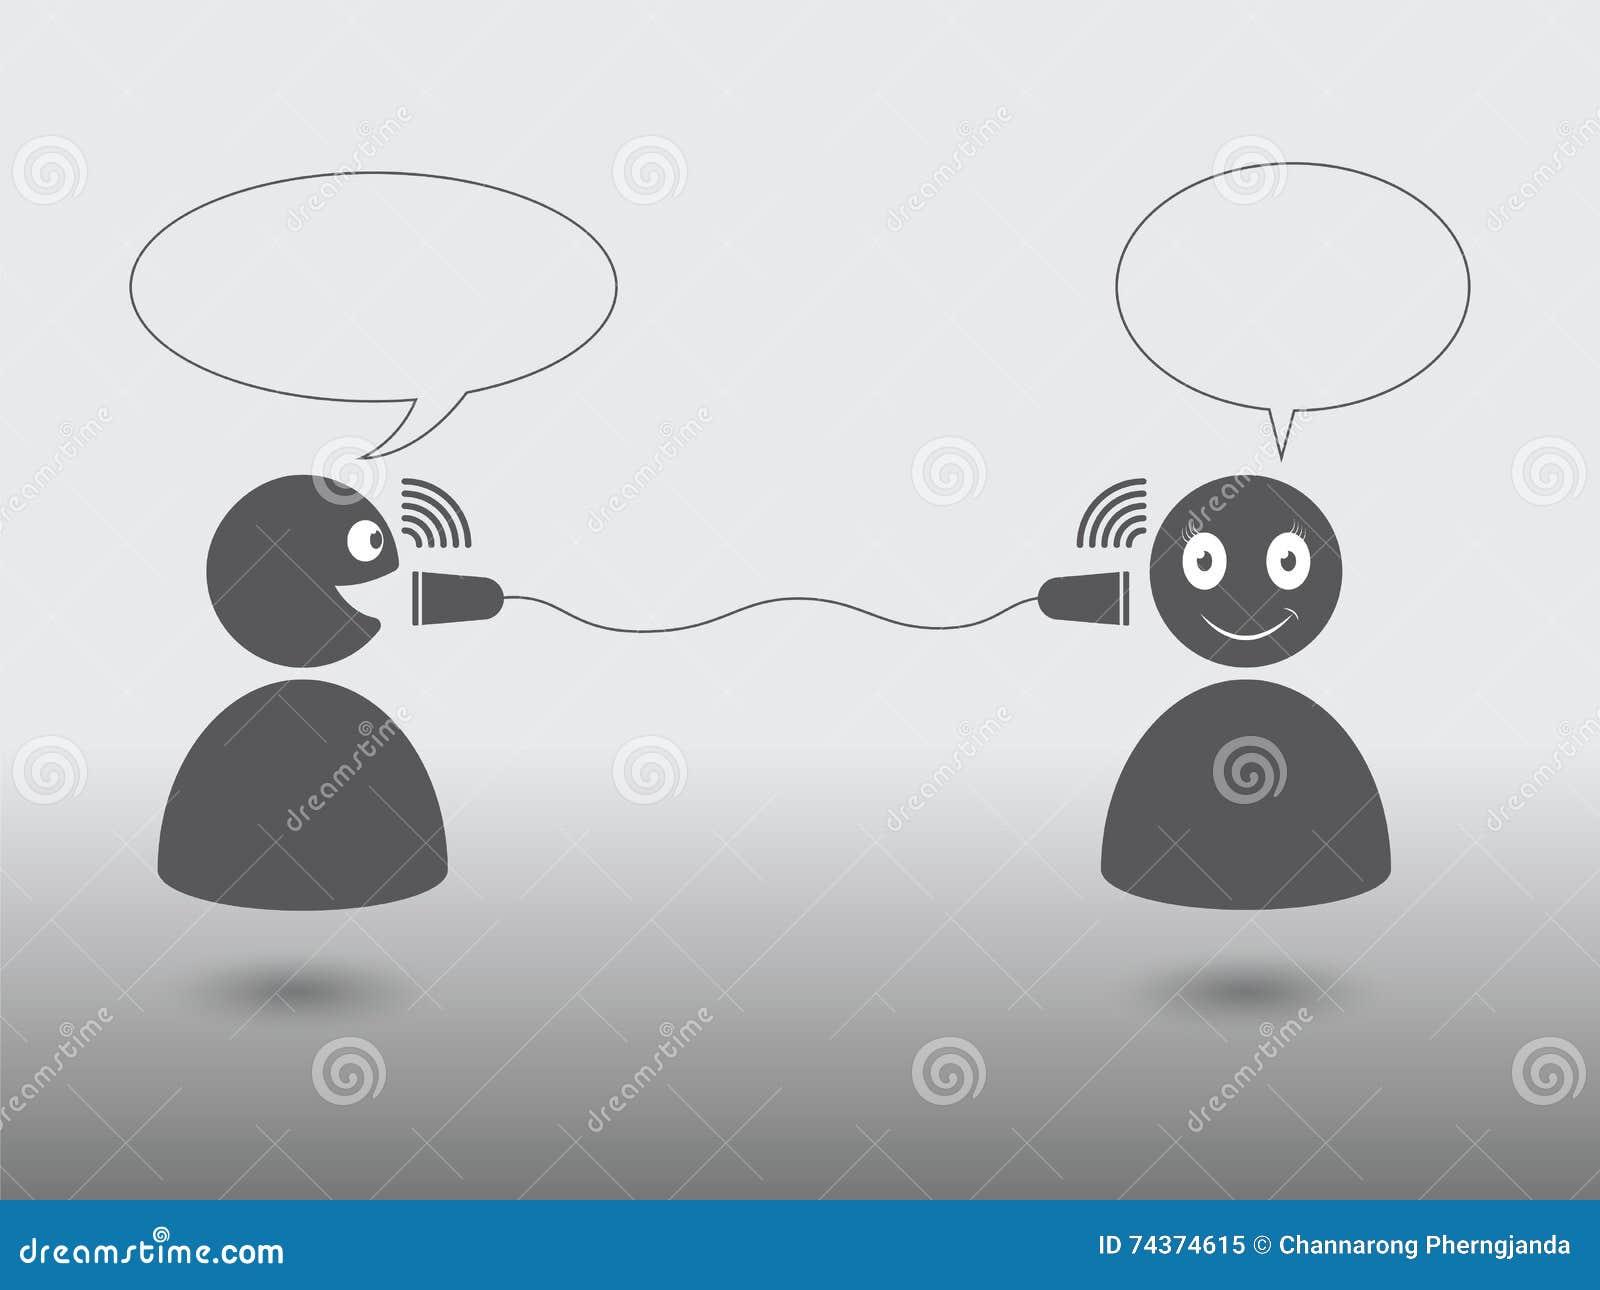 Communication between people — Stock Vector © cifotart ... |Communication Between People